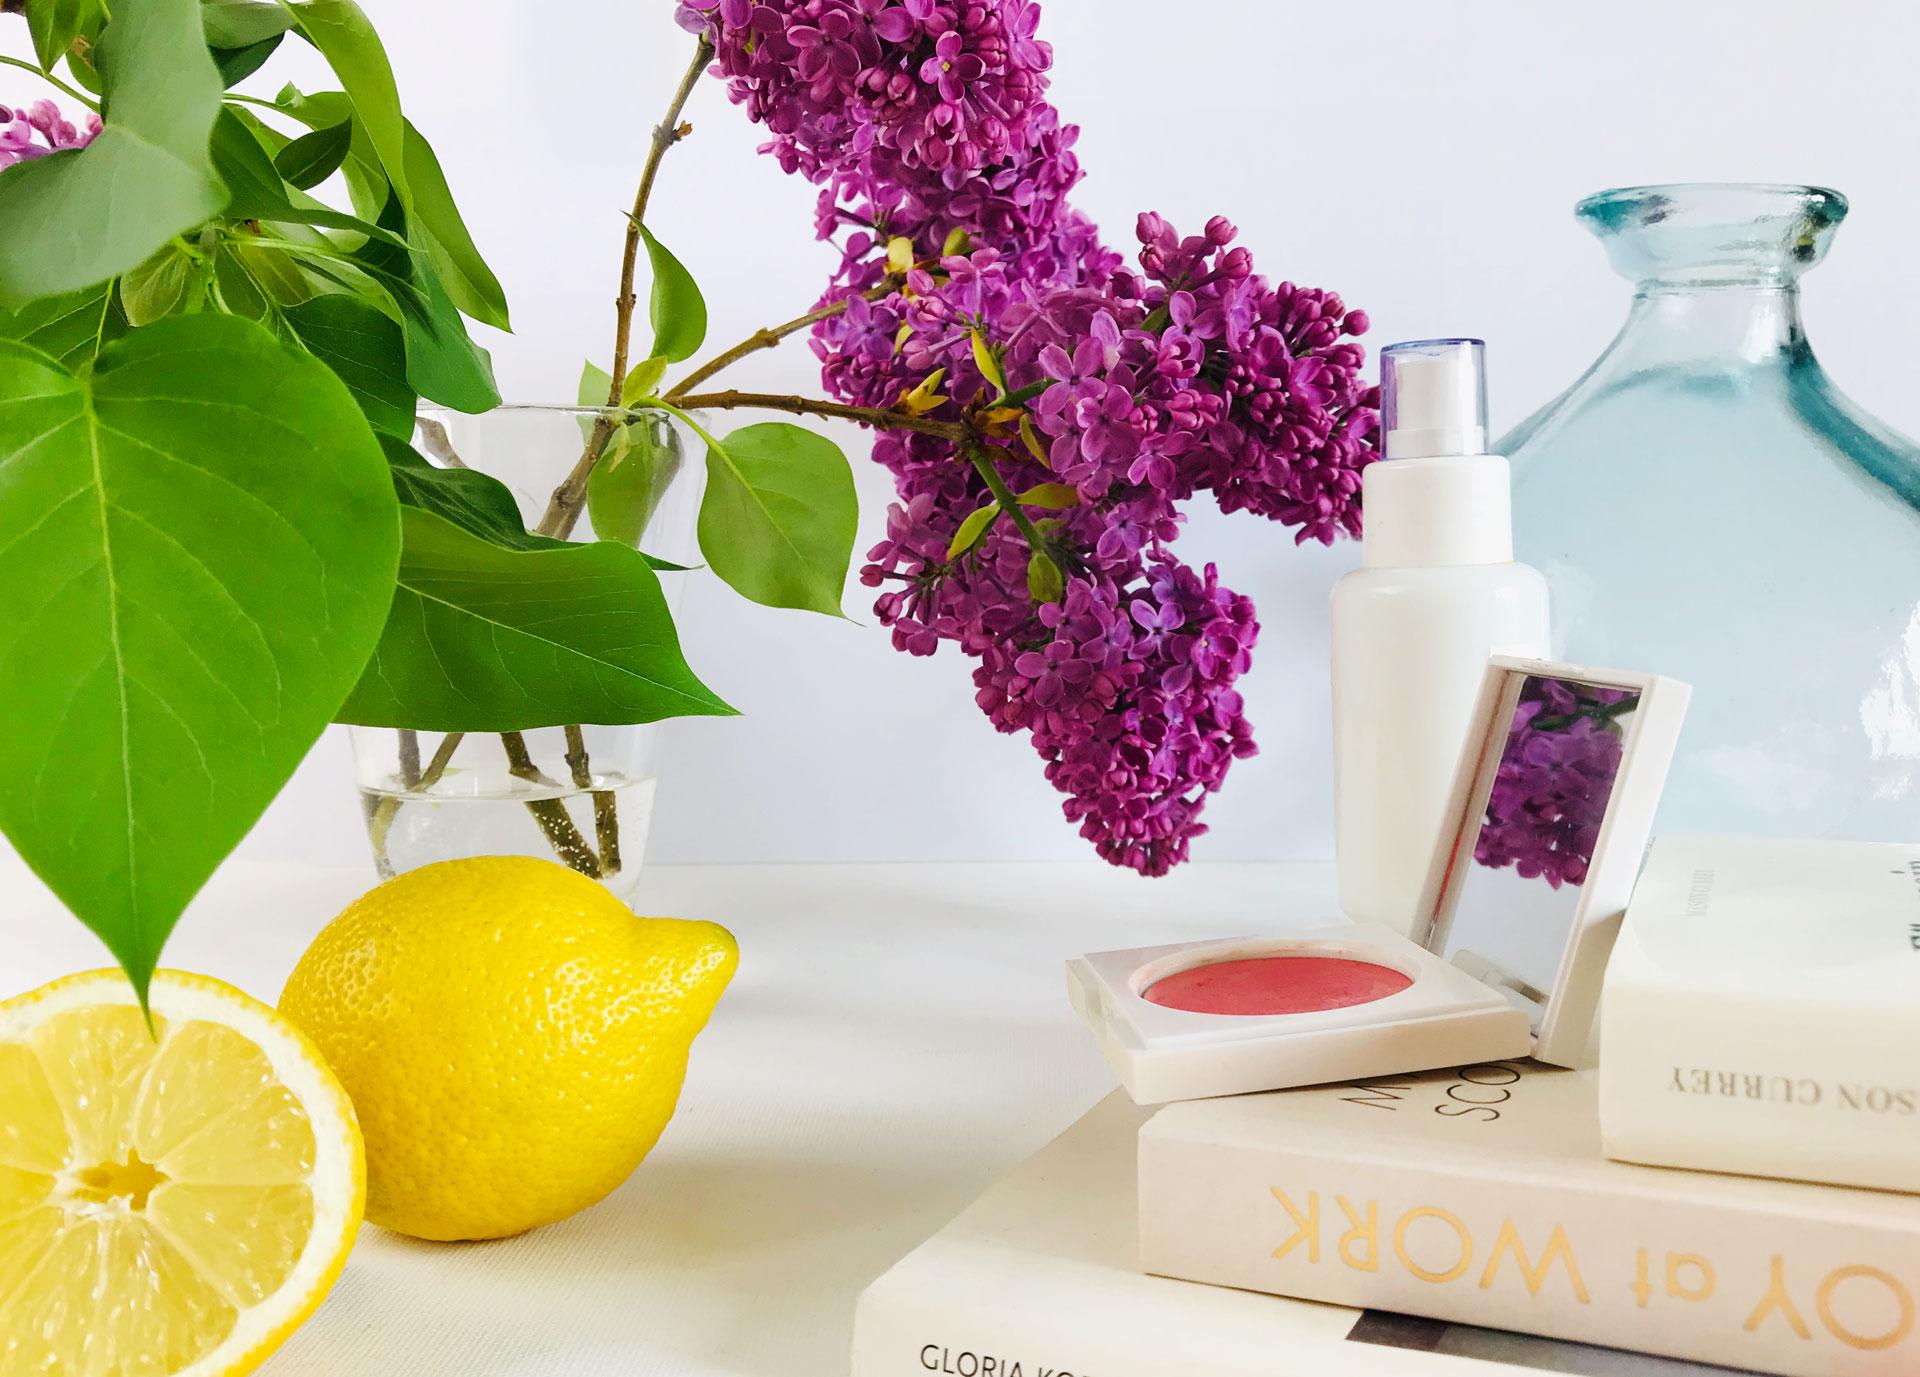 ElisaZunder Blogazine, Wohlbefinden, Lifestyle, Lifestyle Blog, gesunder Lifestyle, leckere Rezepte, Buchtipps, Beauty-Tipps, Naturkosmetik, Leben, gute Laune